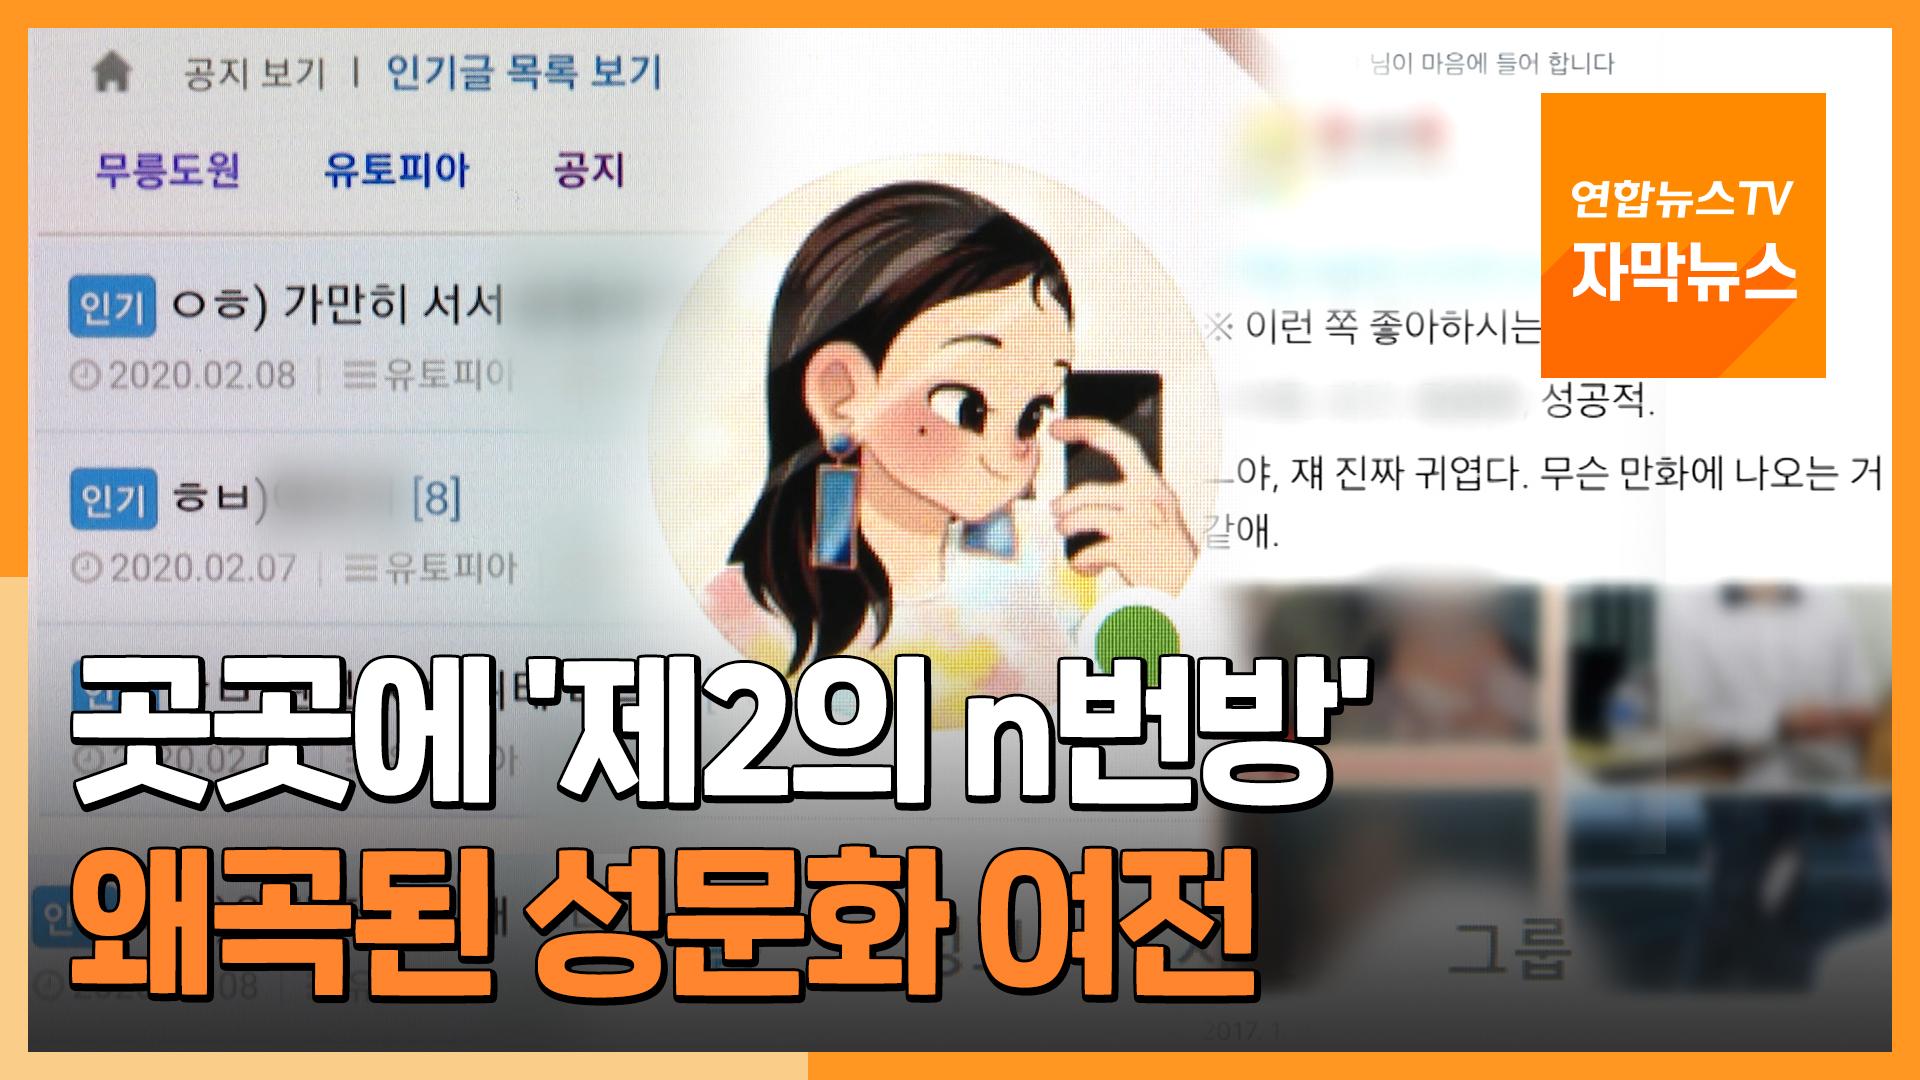 [자막뉴스] 곳곳에 '제2의 n번방'…왜곡된 성문화 여전